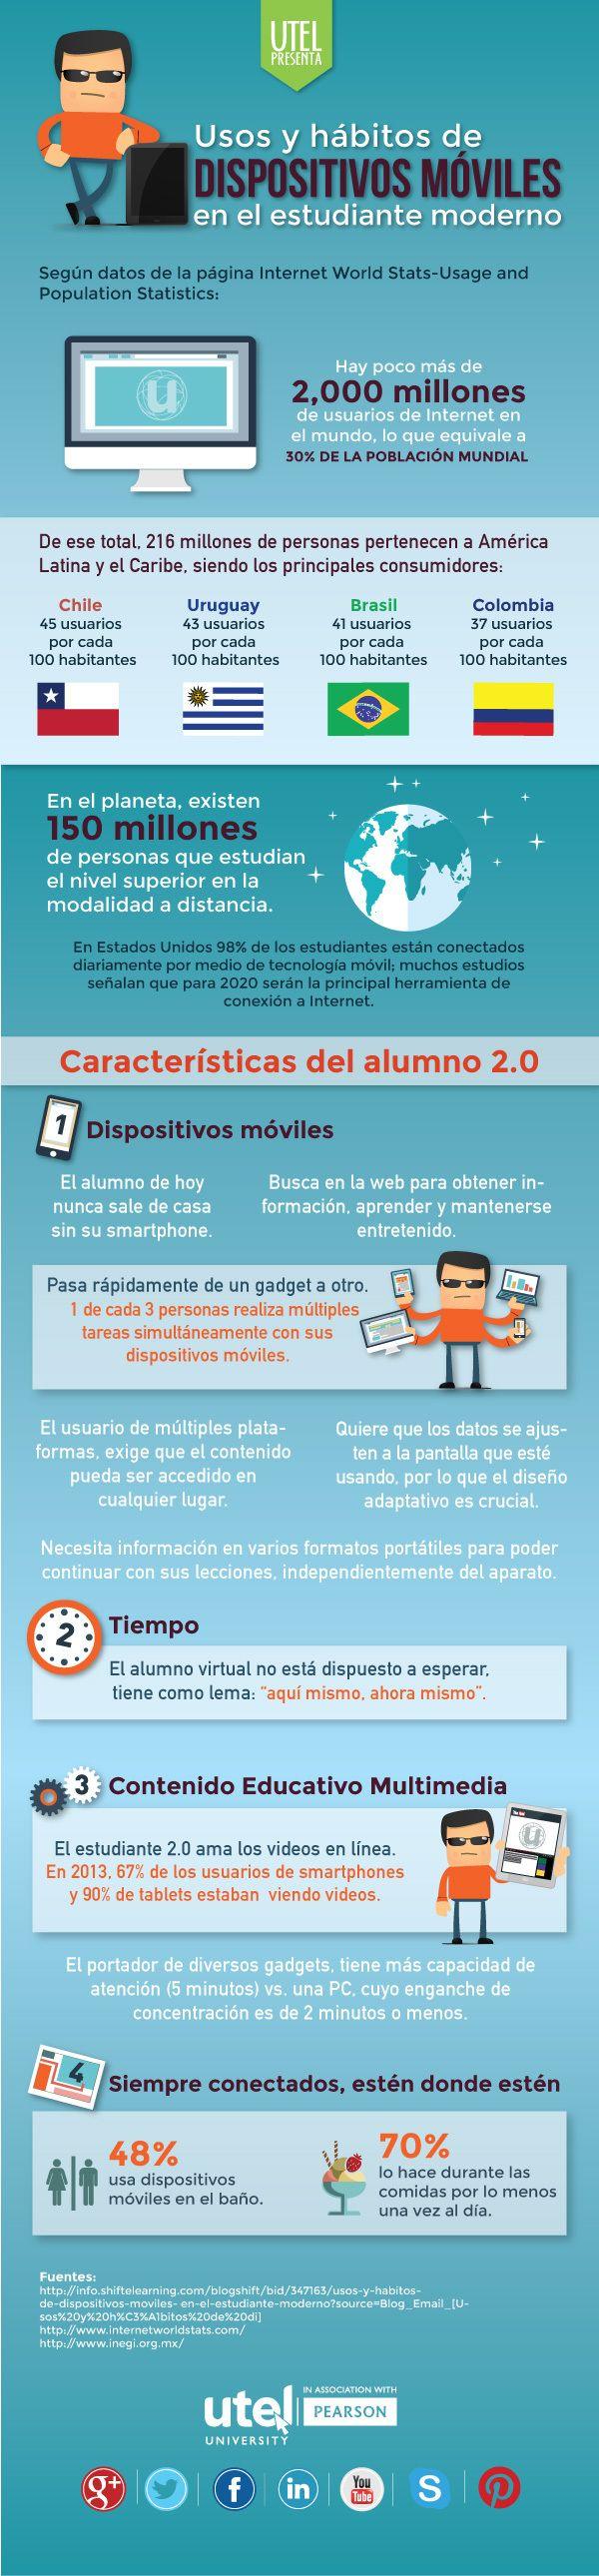 EstudiantesMovilesUsosHabitos-Infografía-BlogGesvin